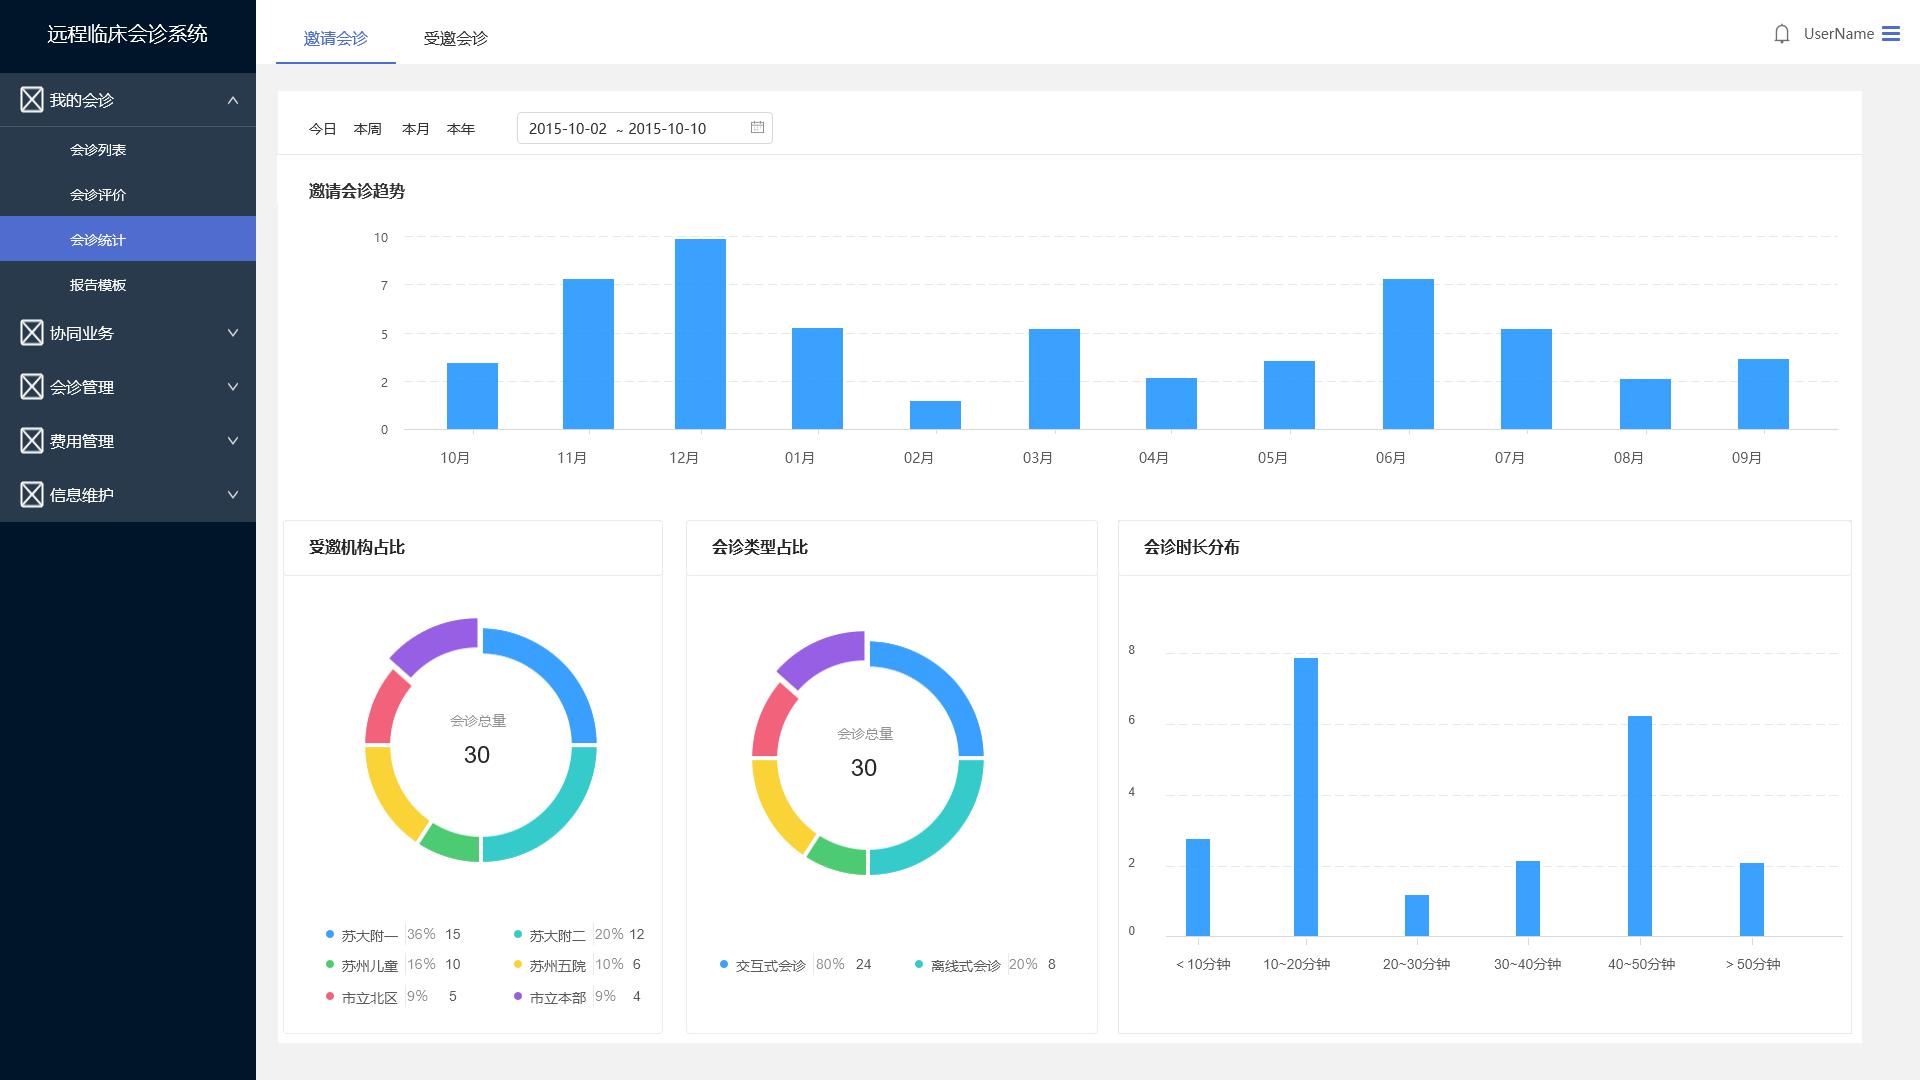 图4-业务统计